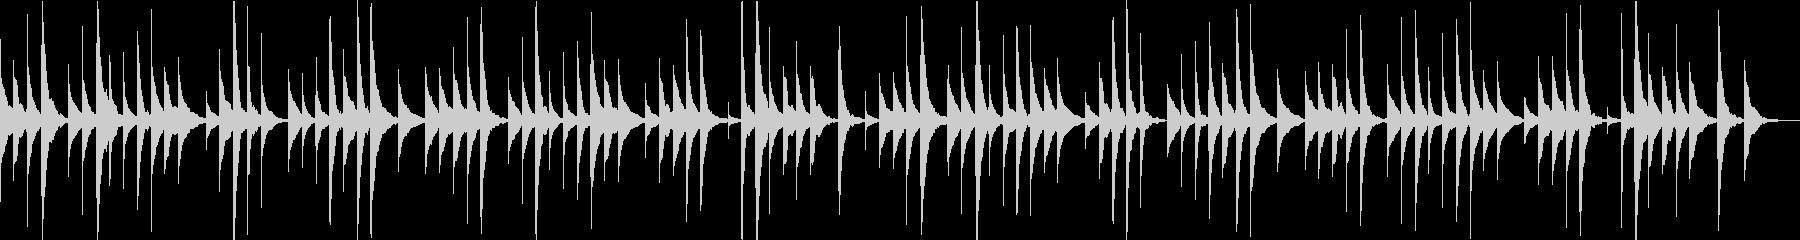 ロンドンデリーの歌のオルゴールアレンジの未再生の波形